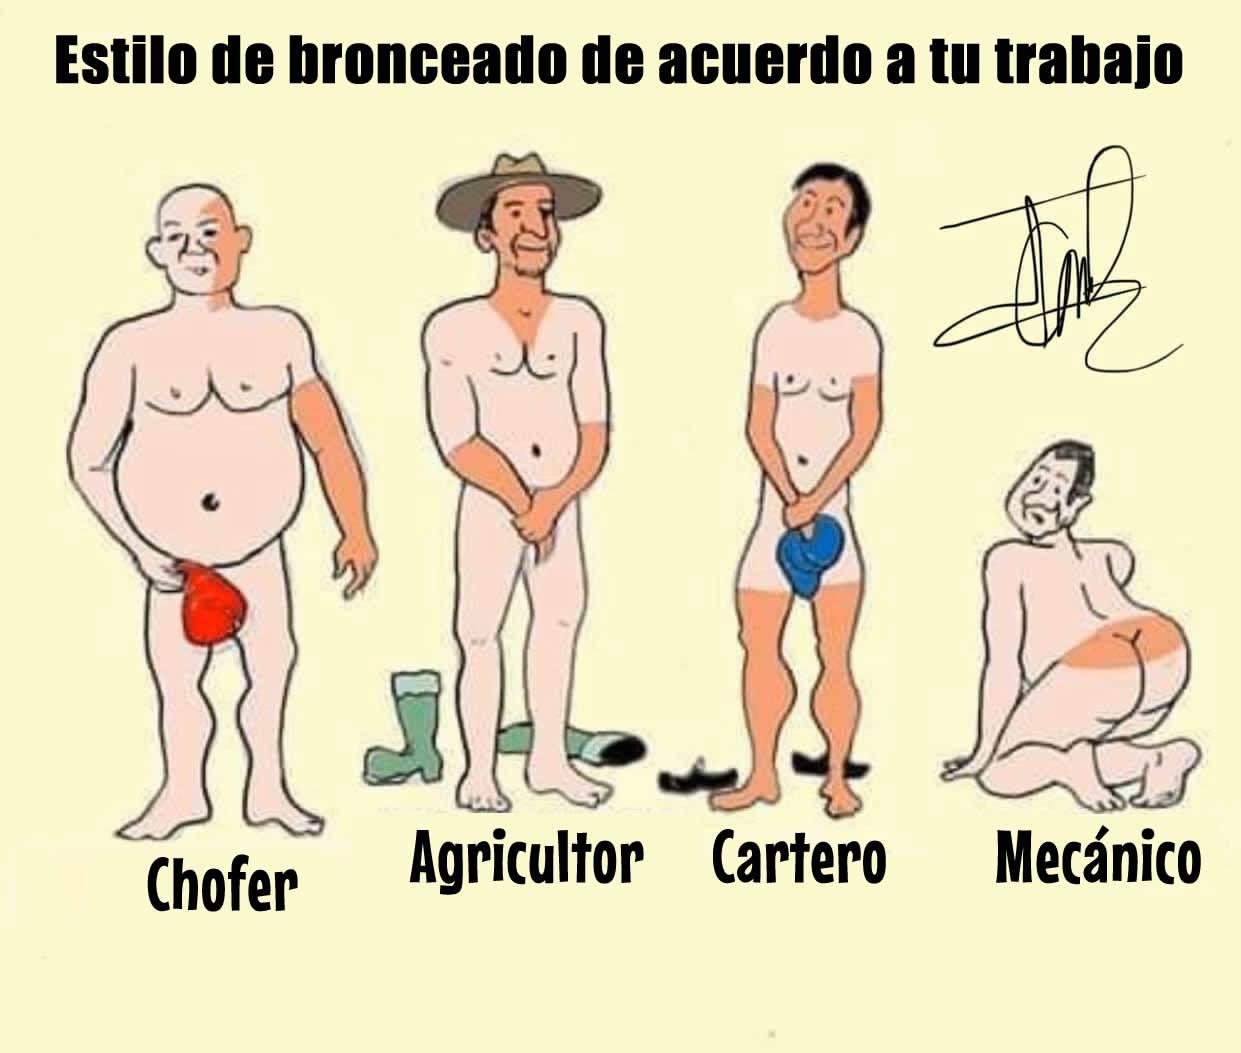 Estilo de bronceado de acuerdo a tu trabajo:  Chofer Agricultor Cartero Mecánico